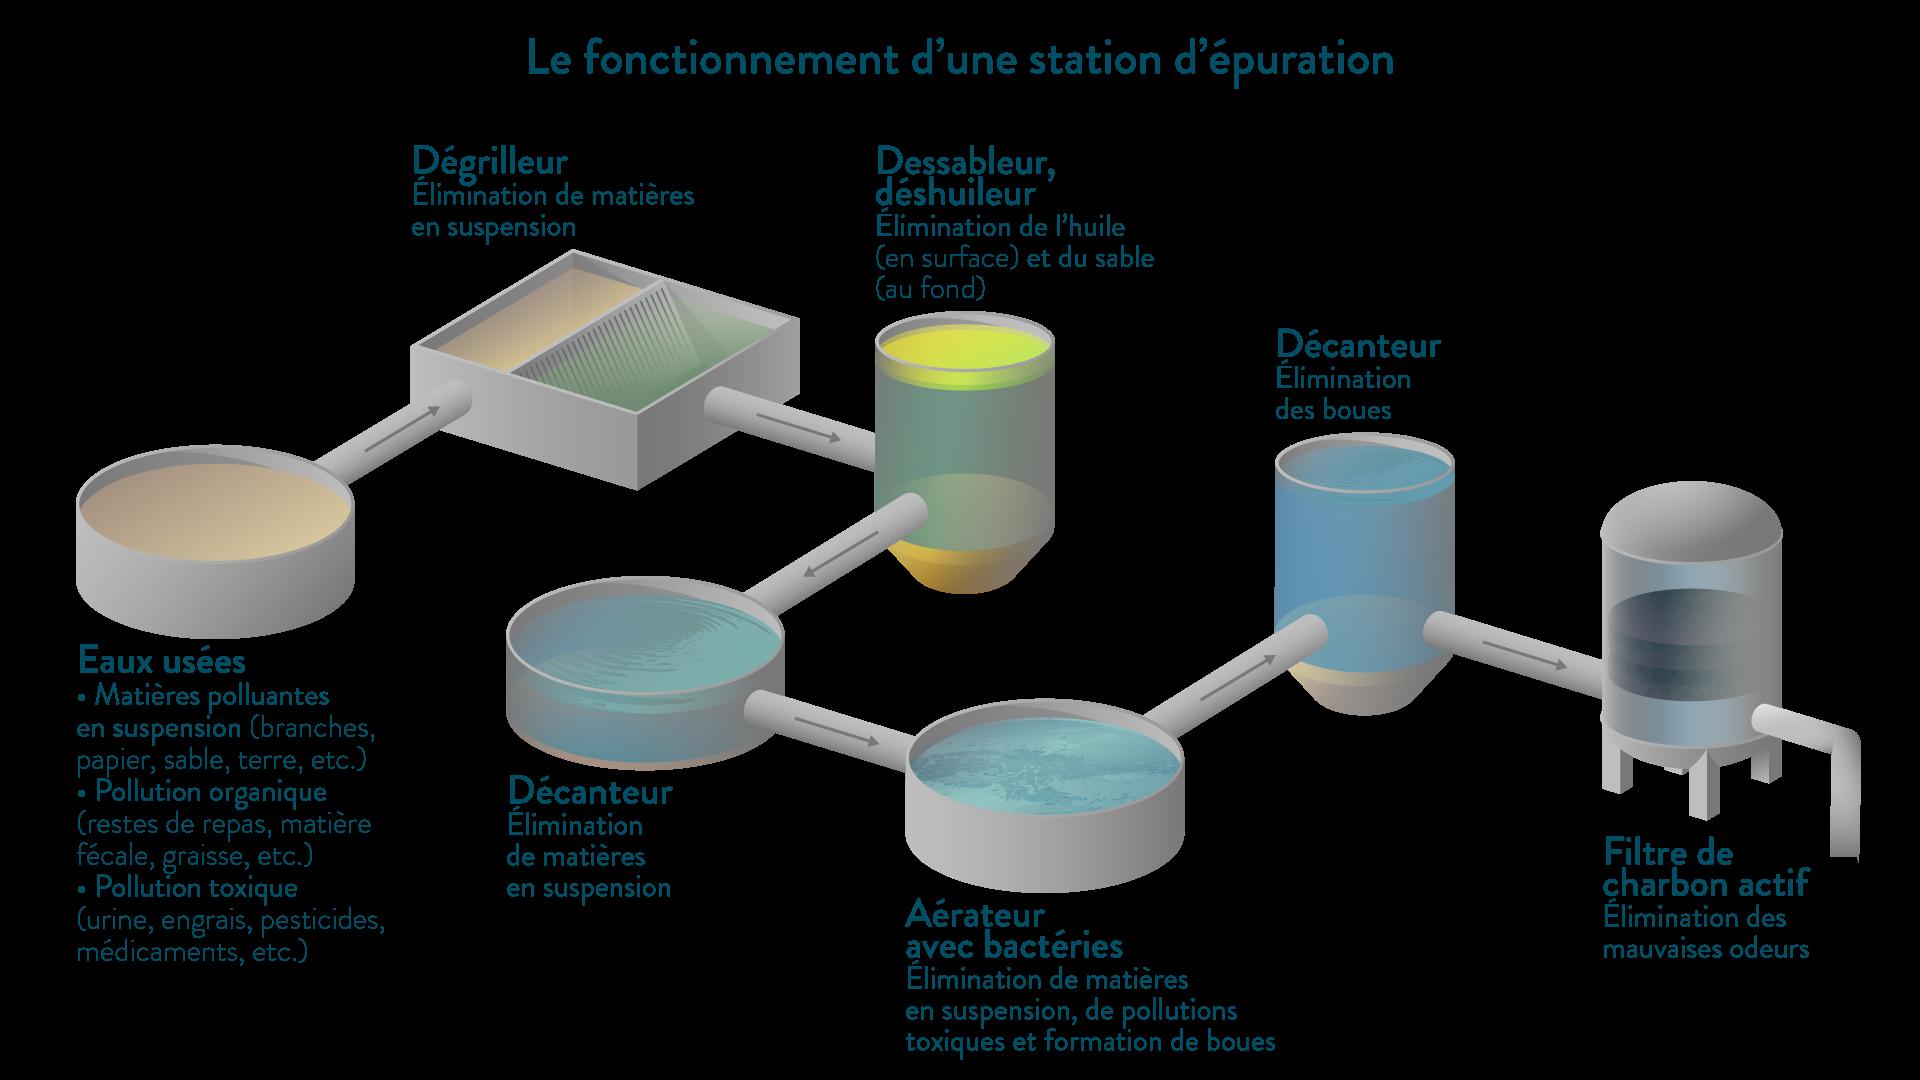 Le fonctionnement d'une station d'épuration